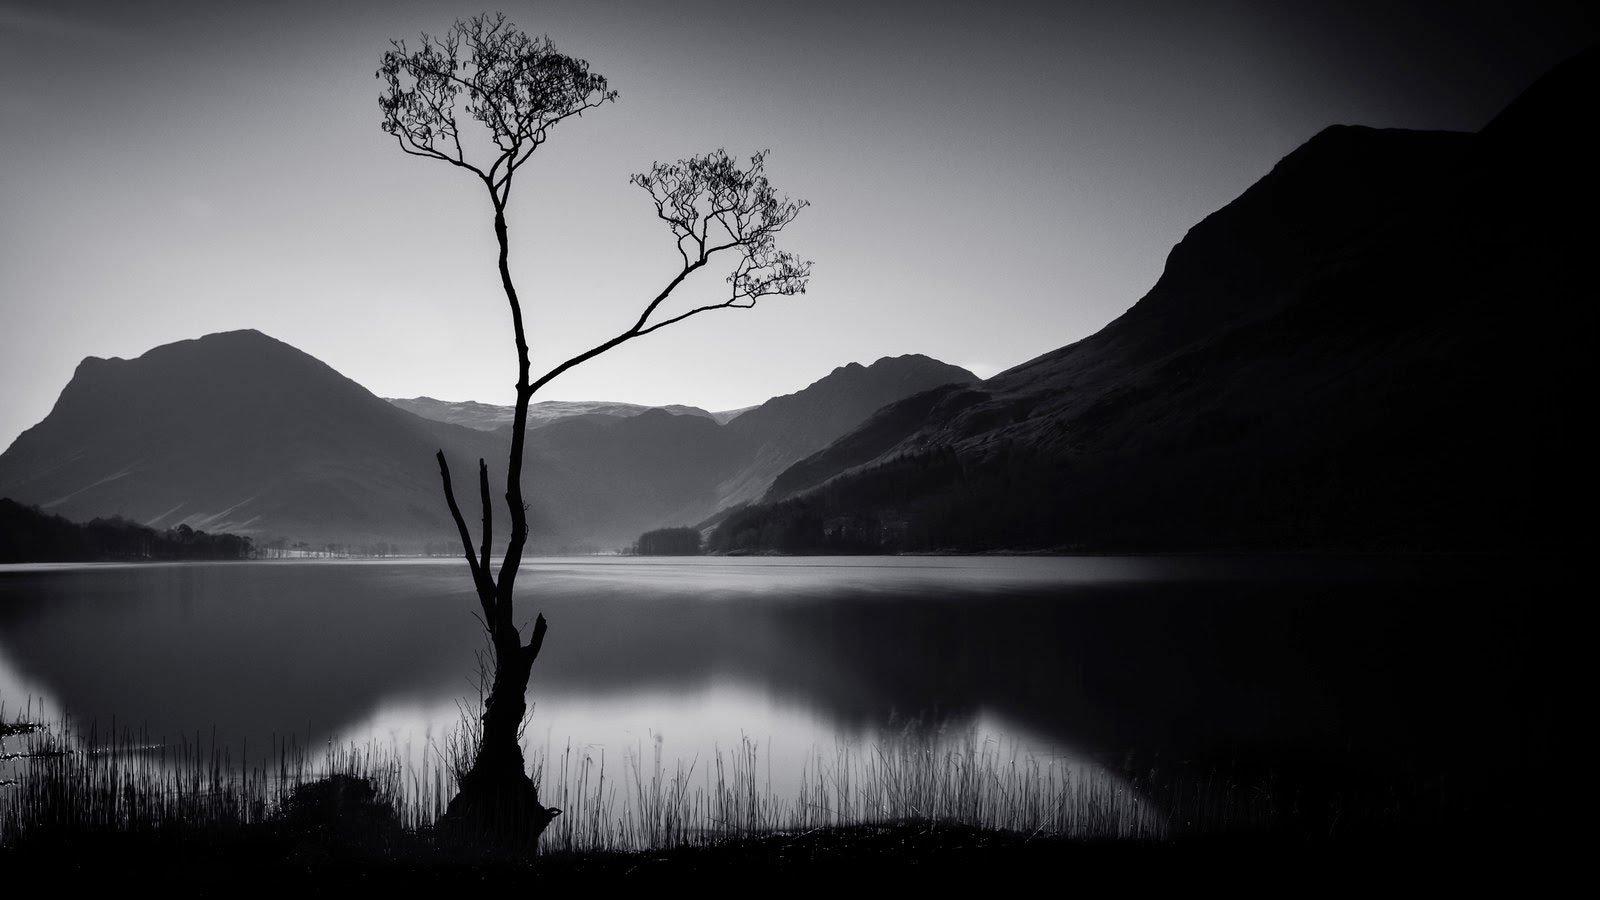 Những ảnh trắng đen đẹp nhất trong năm 2015 từ Flickr